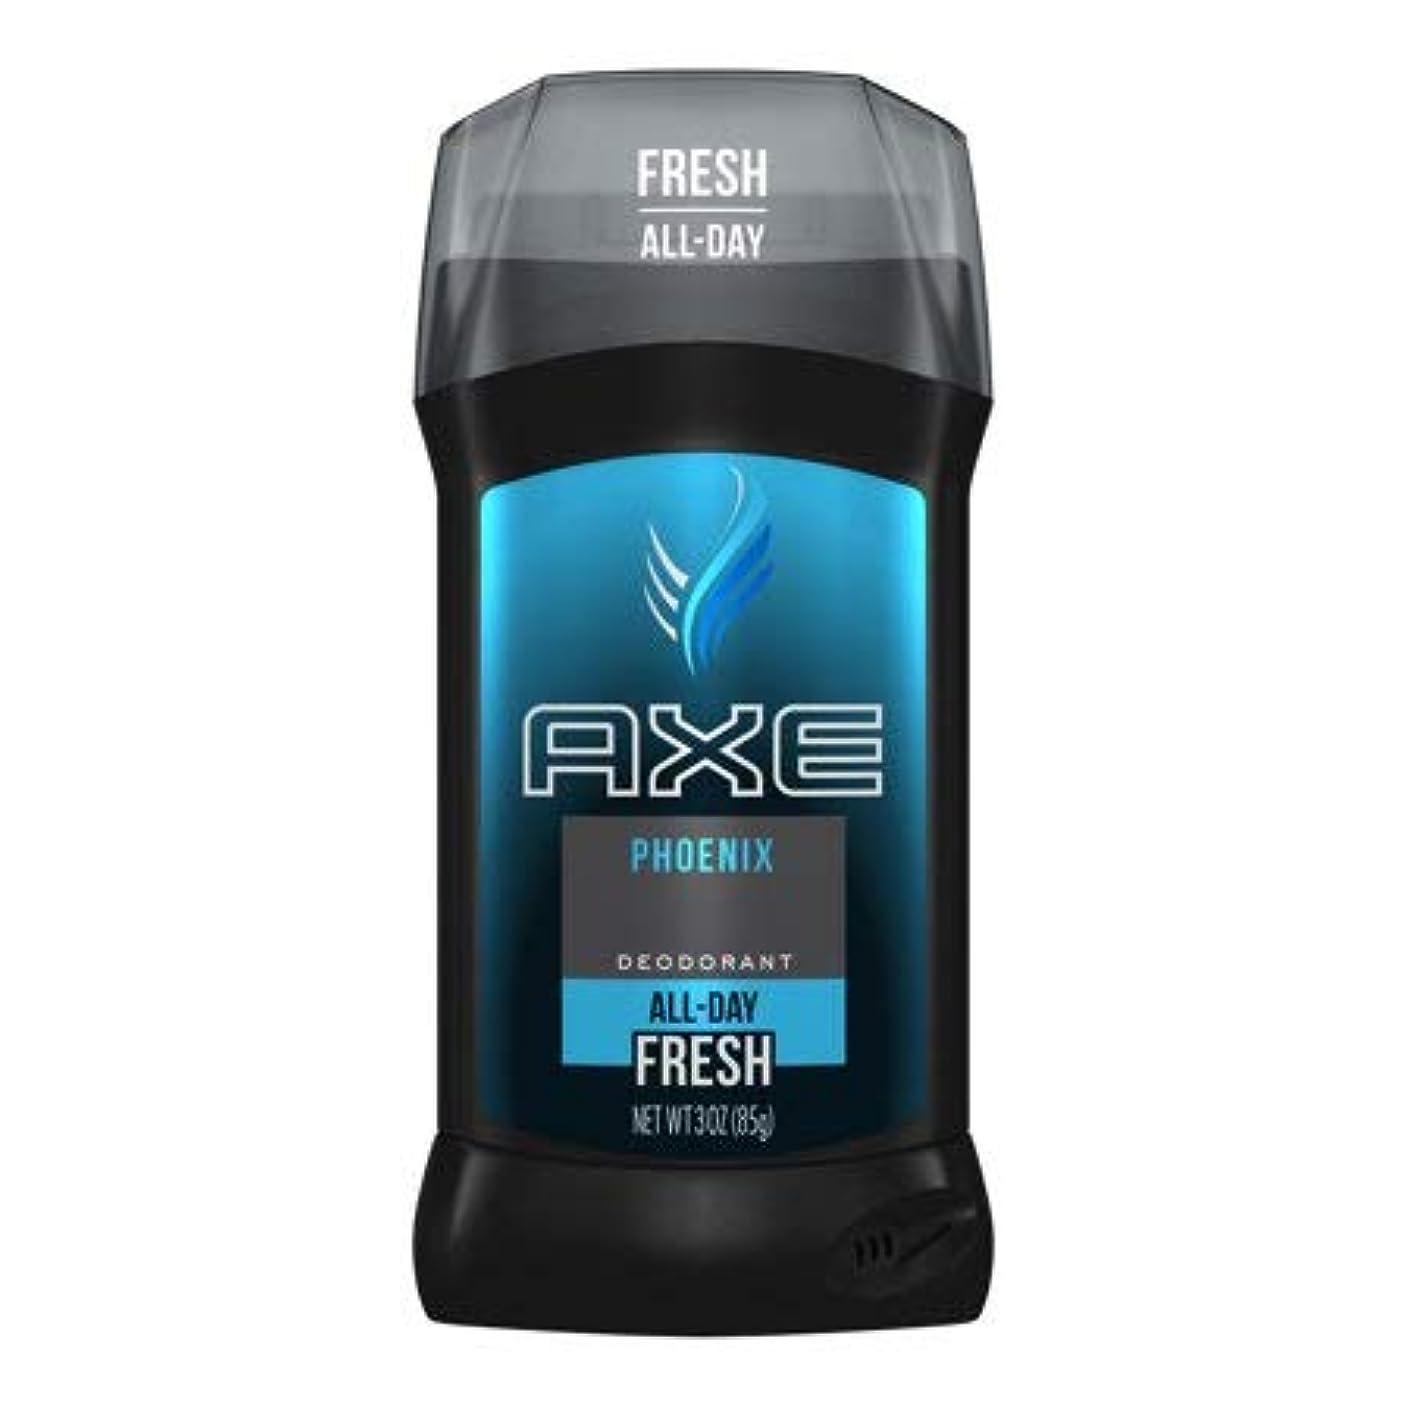 合意追放週間AXE Phoenix Deodorant Stick Fresh 3 oz アクセ フェニックス フレッシュ デオドラント 海外直送品 [並行輸入品]